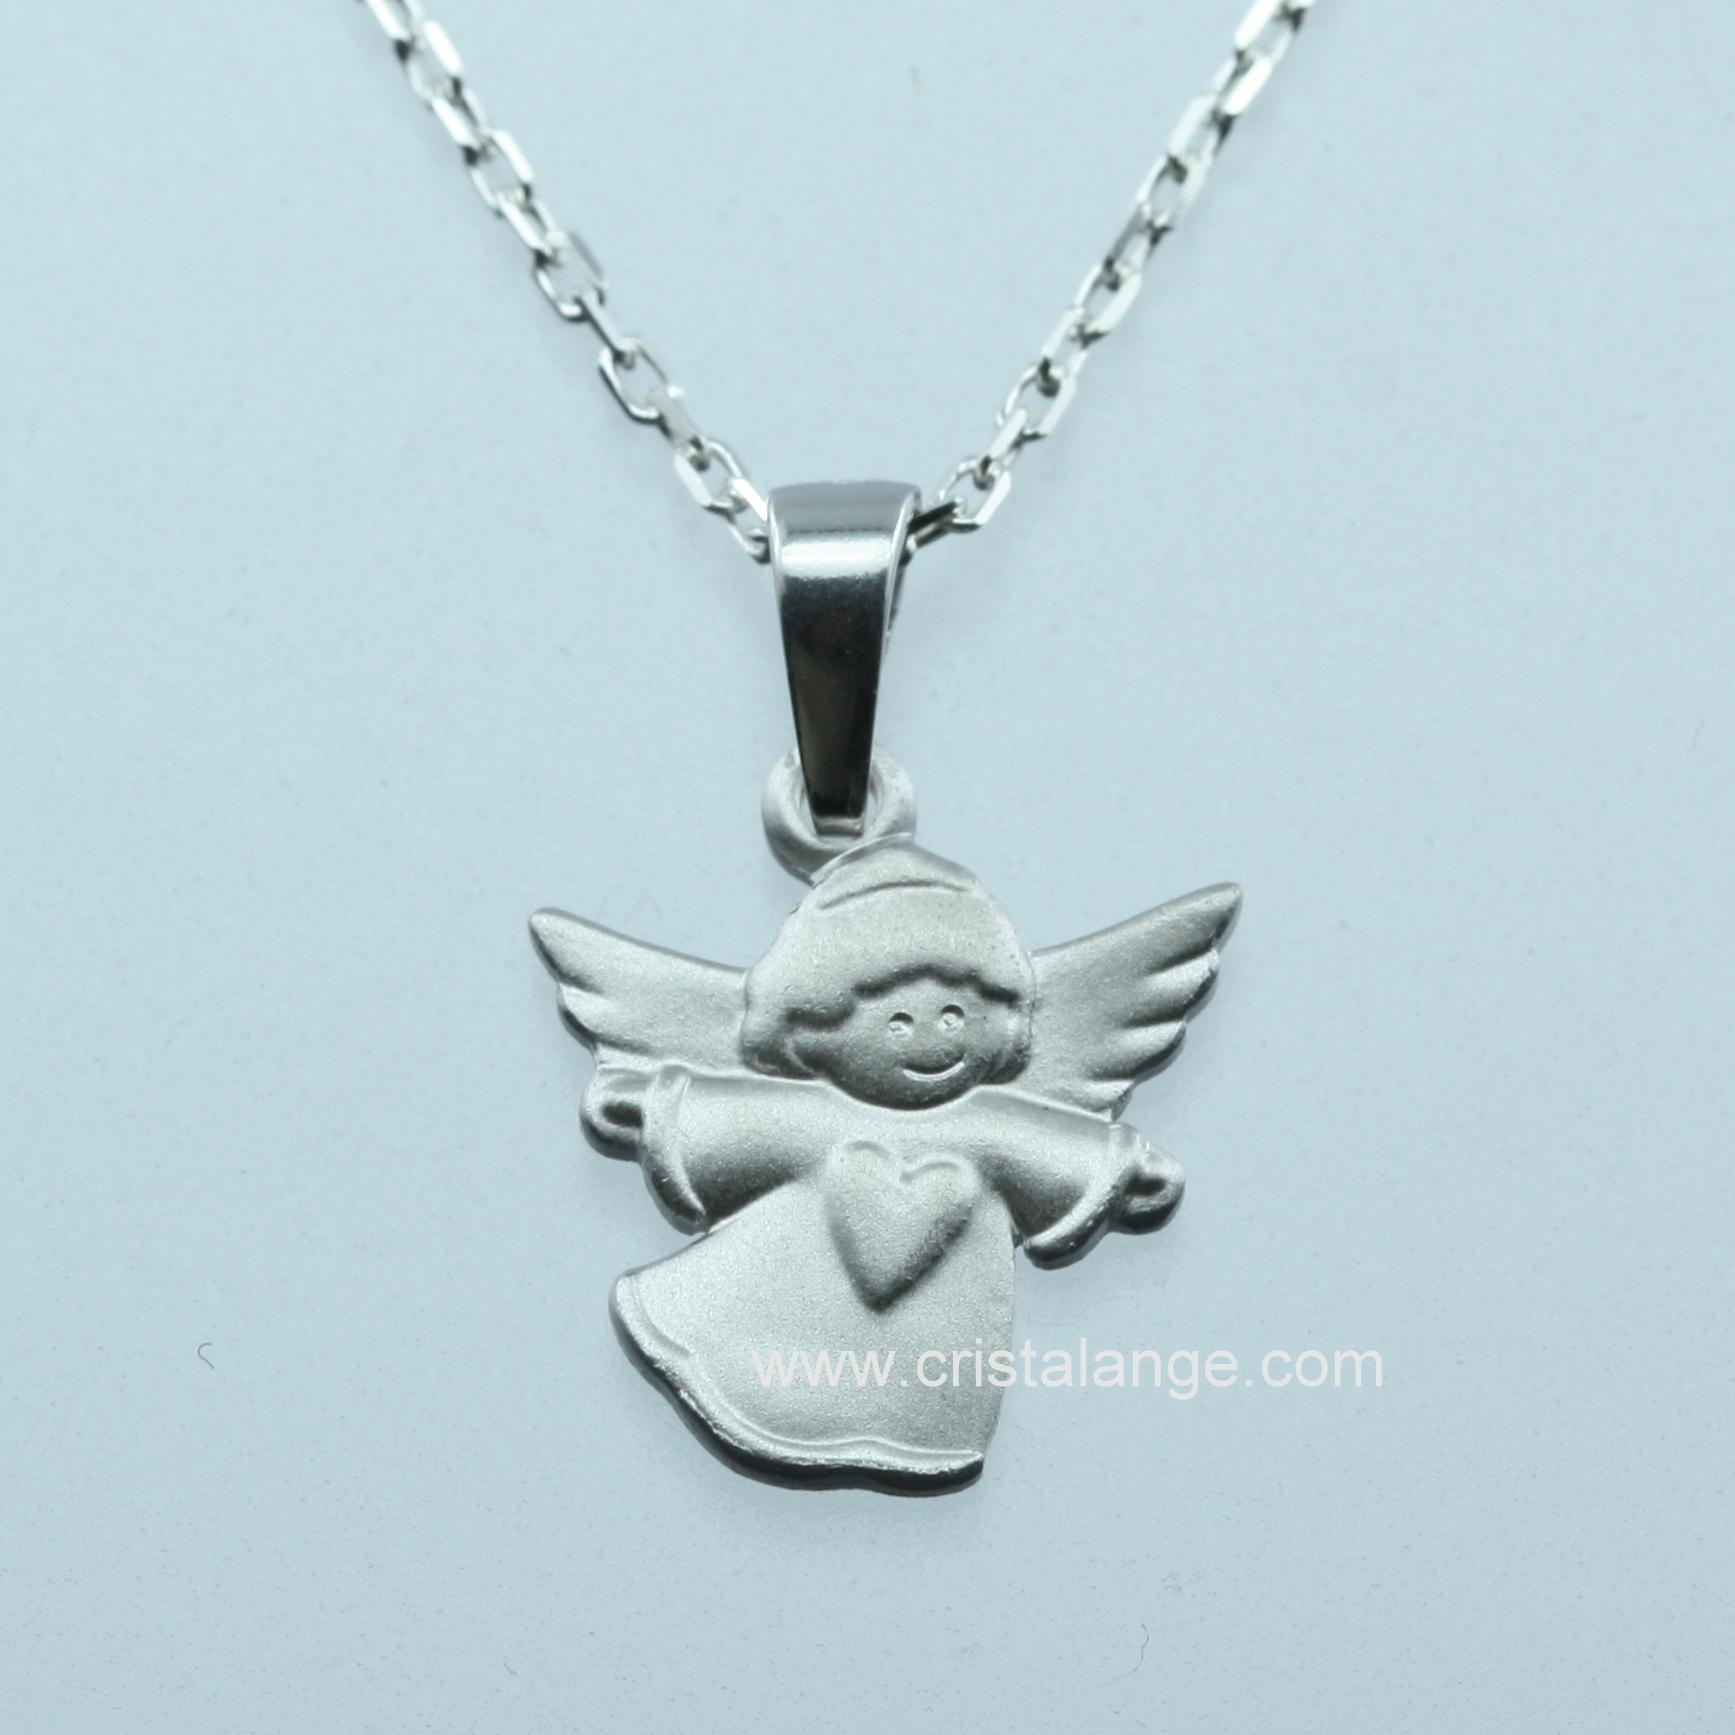 Collier ange gardien en argent avec coeur - bijoux Cristalange, le ... 5f814cdb56b